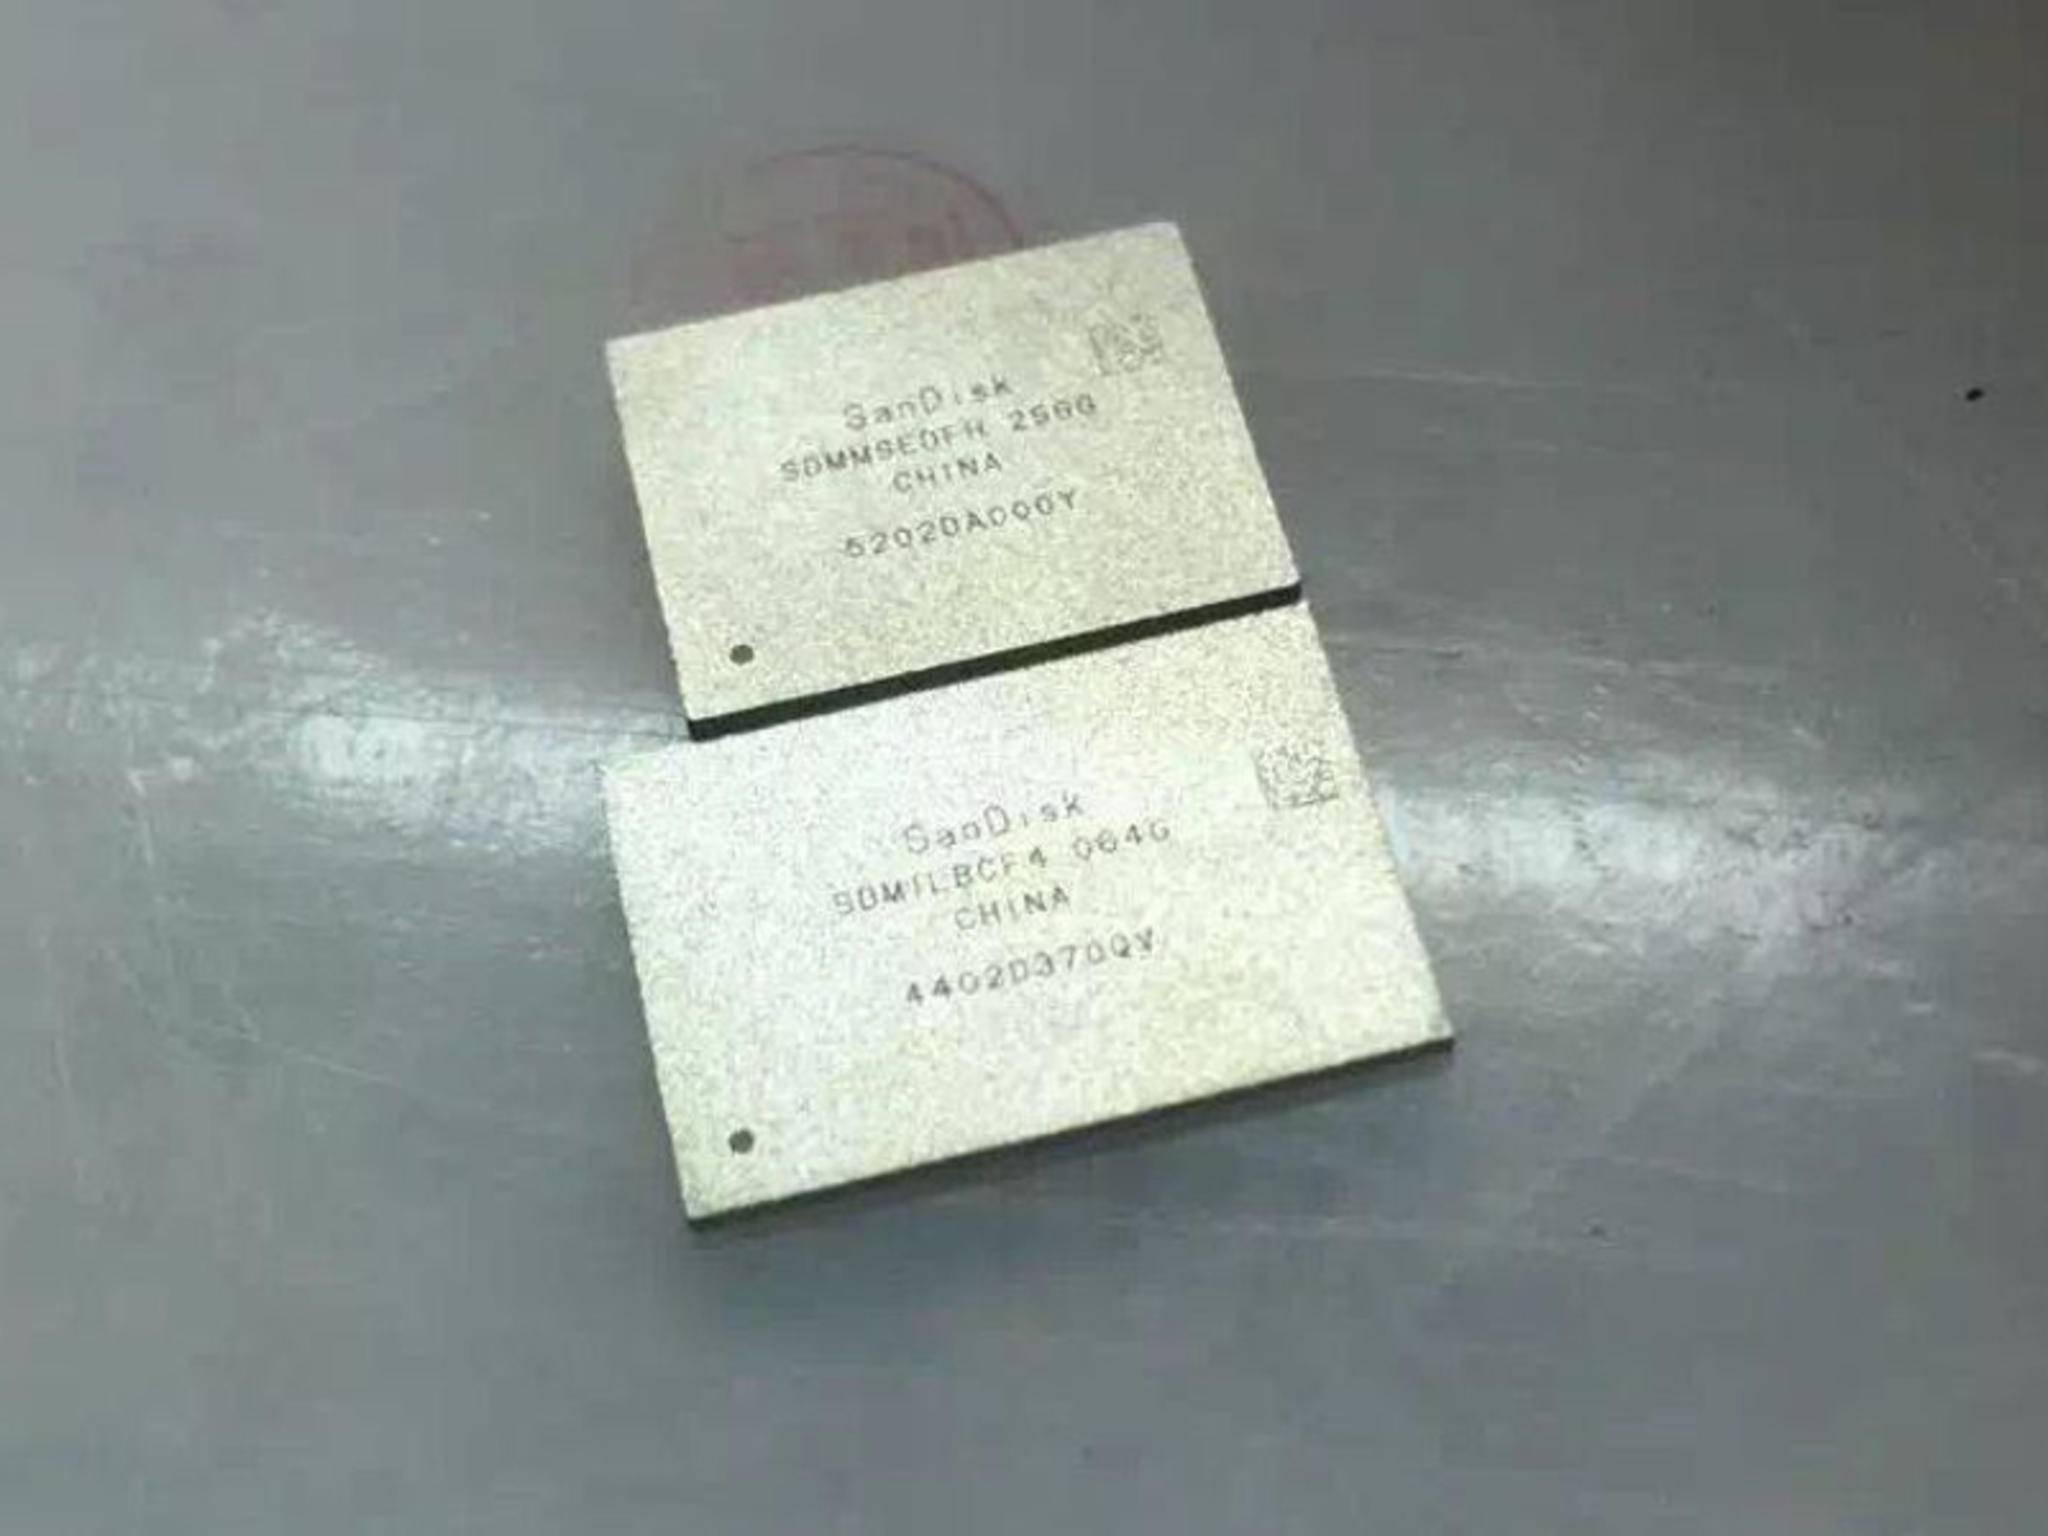 Der neue 256-GB-SanDisk-Speicher (oben) im Vergleich zum alten 64-GB-Chip (unten).